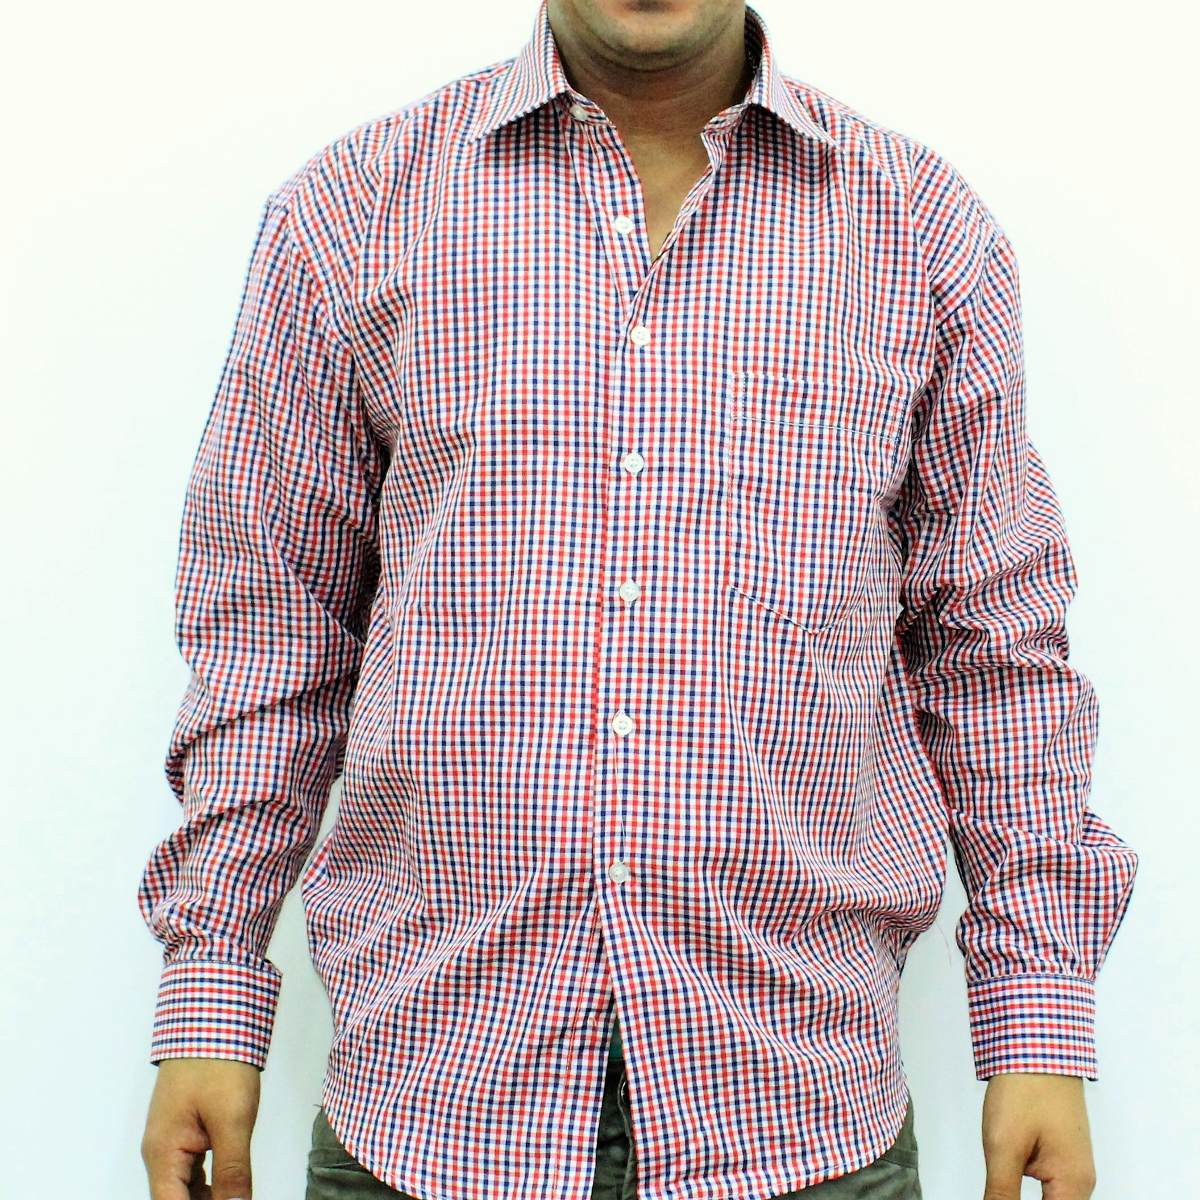 larga hombre todo Cargando cuadritos camisa roja zoom manga útil zSaca6FW 584e7e0ecc6